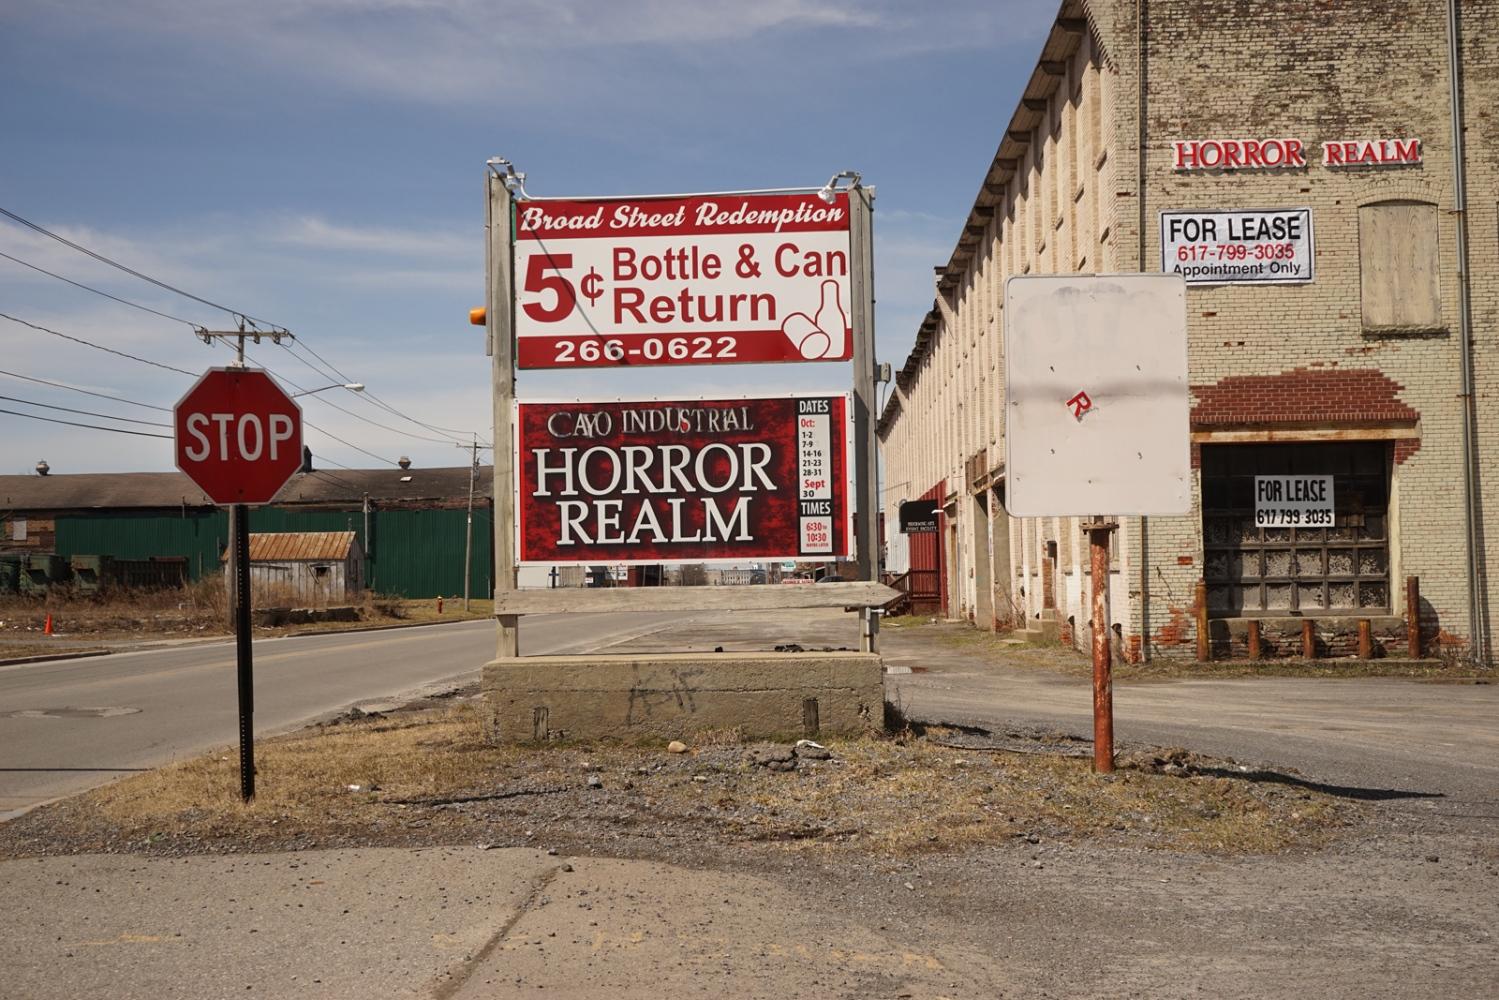 Horror Realm, former industrial hub, Broad Street, Utica, NY